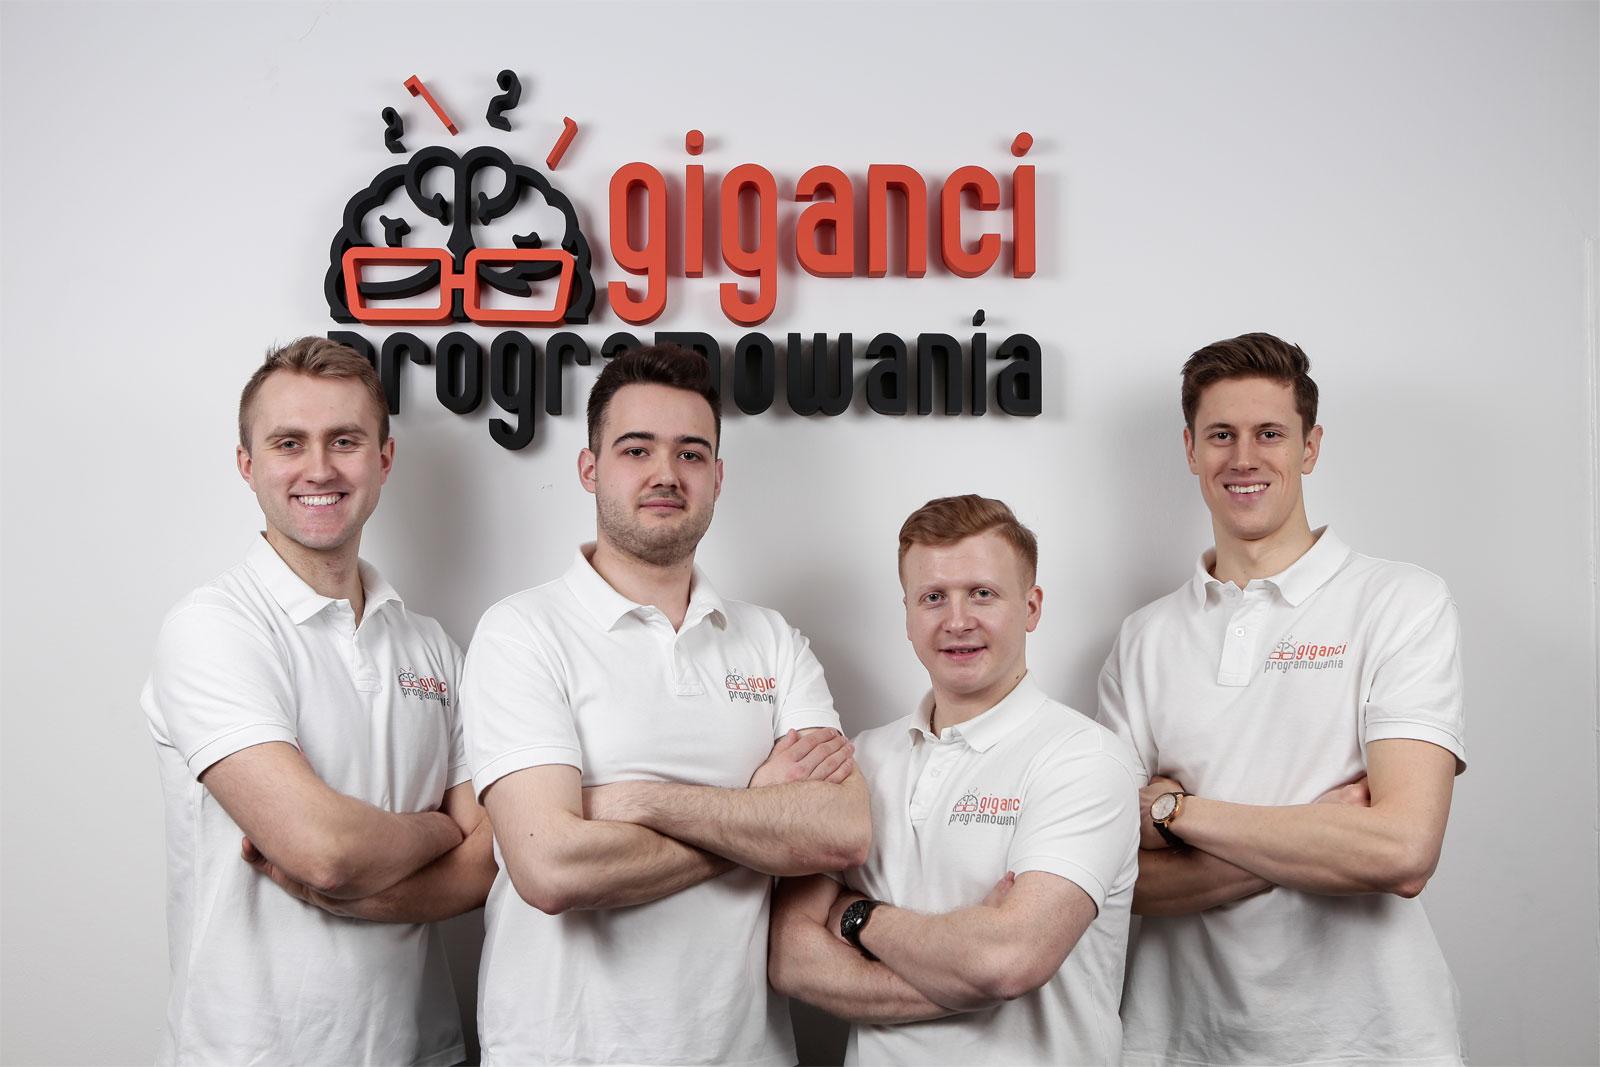 Radosław Kulesza, współwłaściciel marki Giganci Programowania